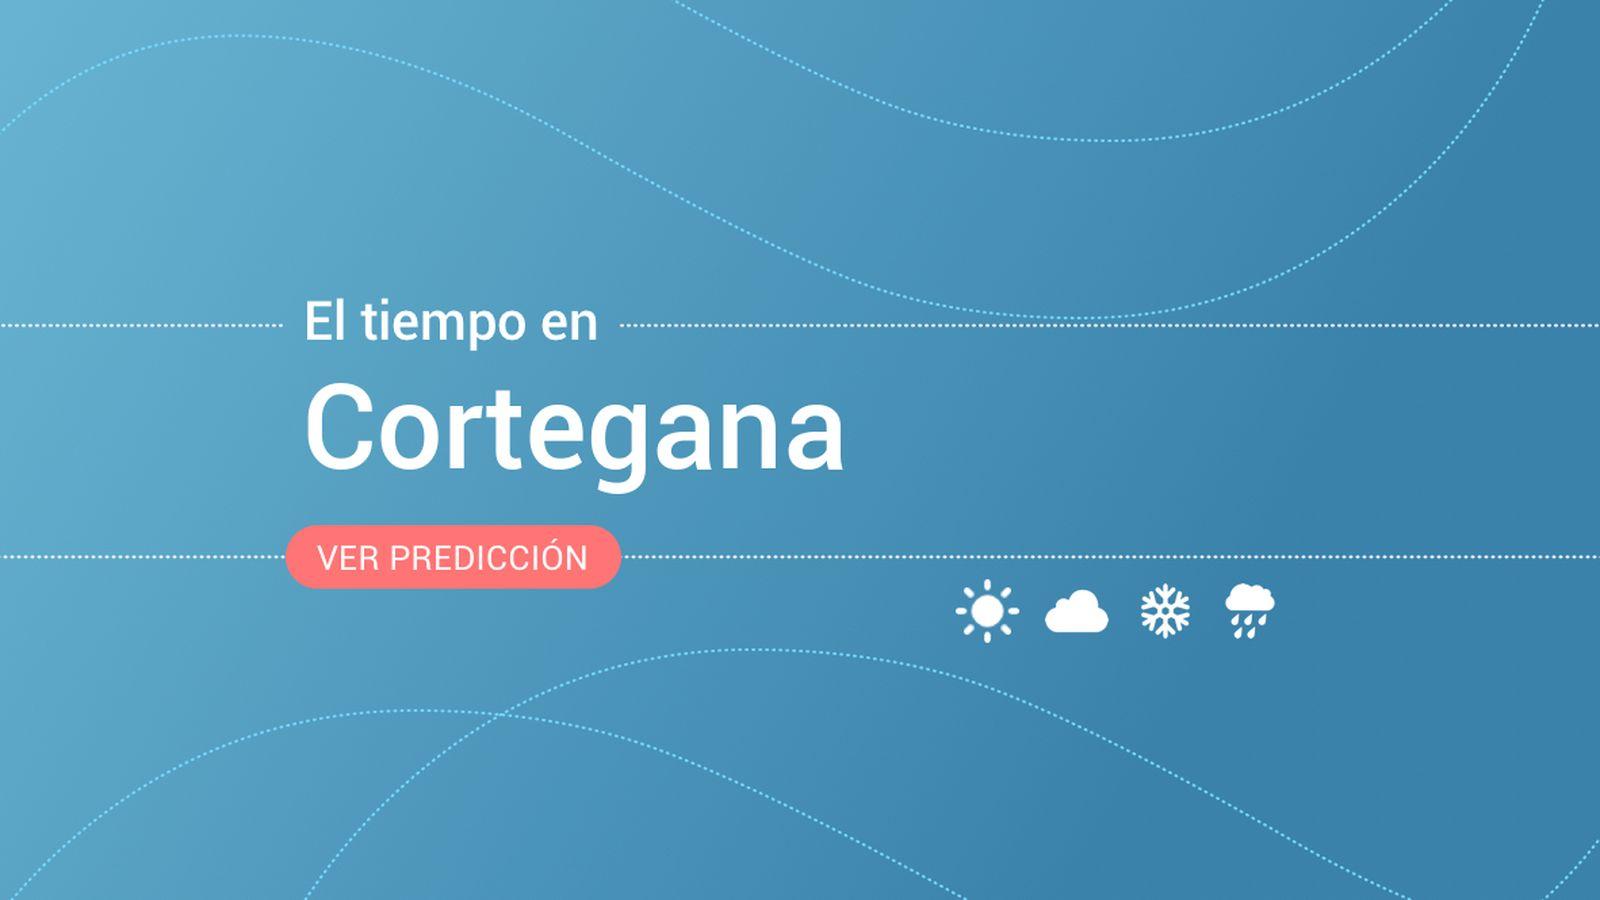 Foto: El tiempo en Cortegana. (EC)